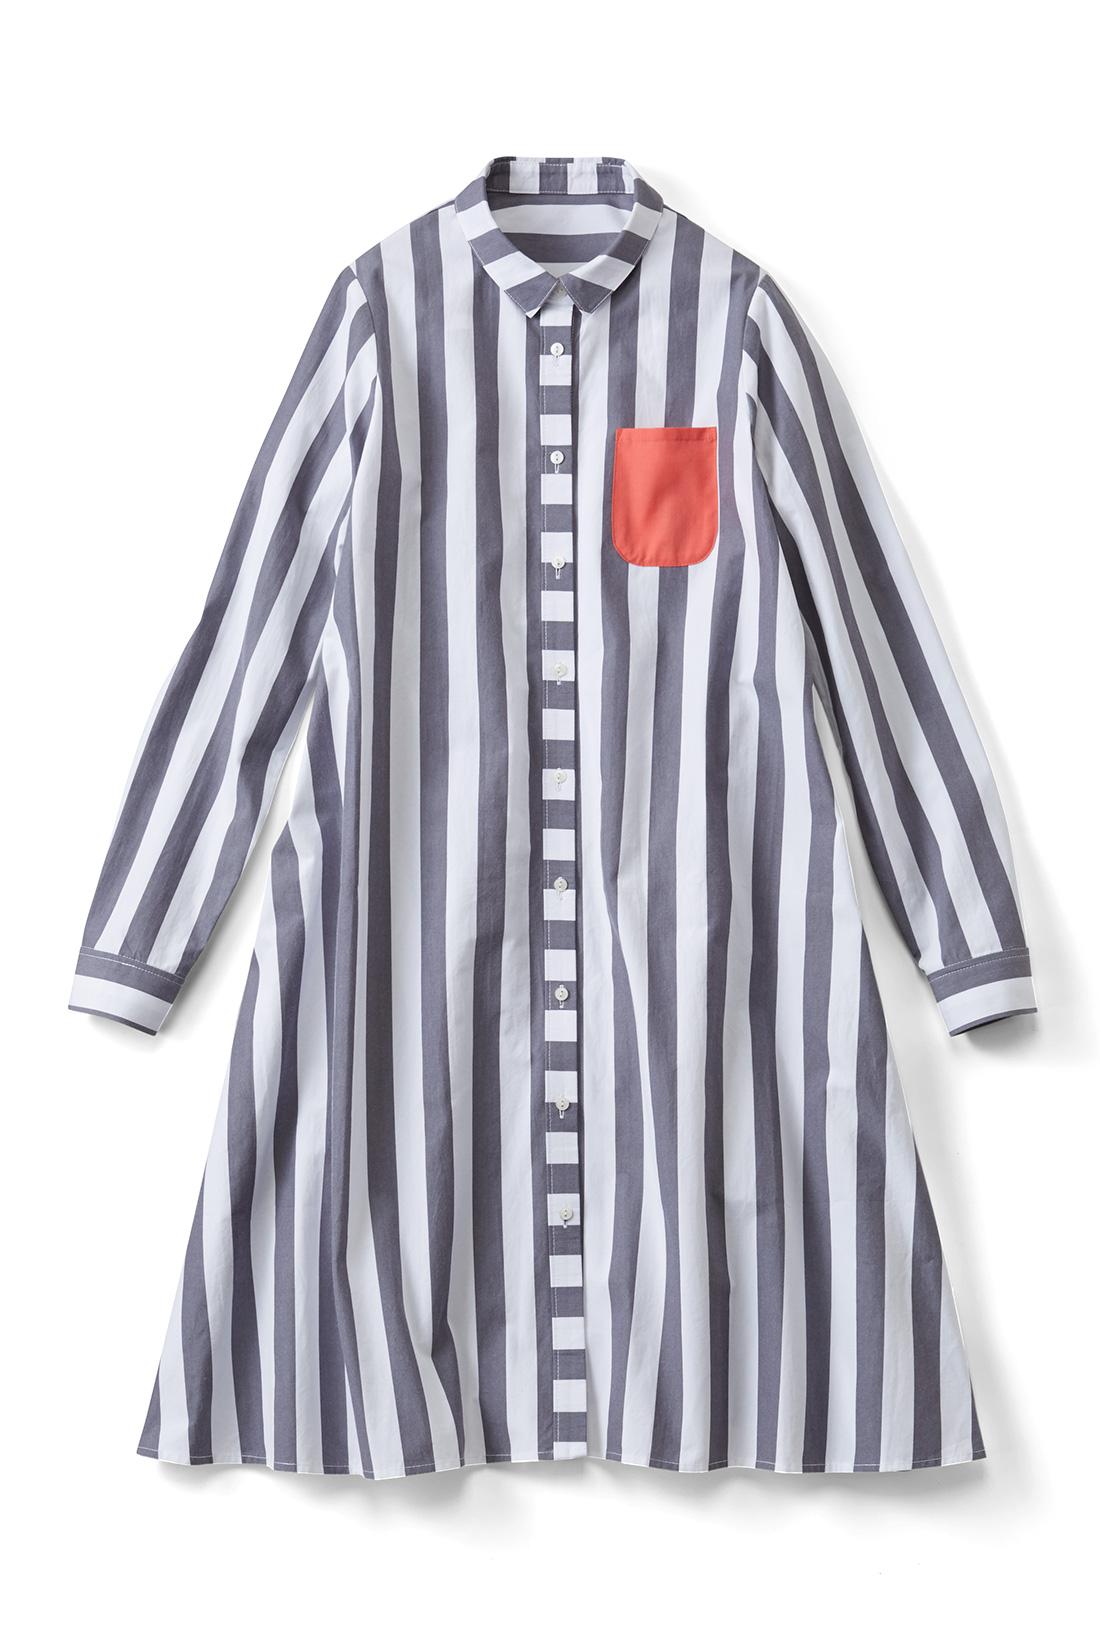 【太ストライプ】パキッとした配色の胸ポケットが目印だよ。